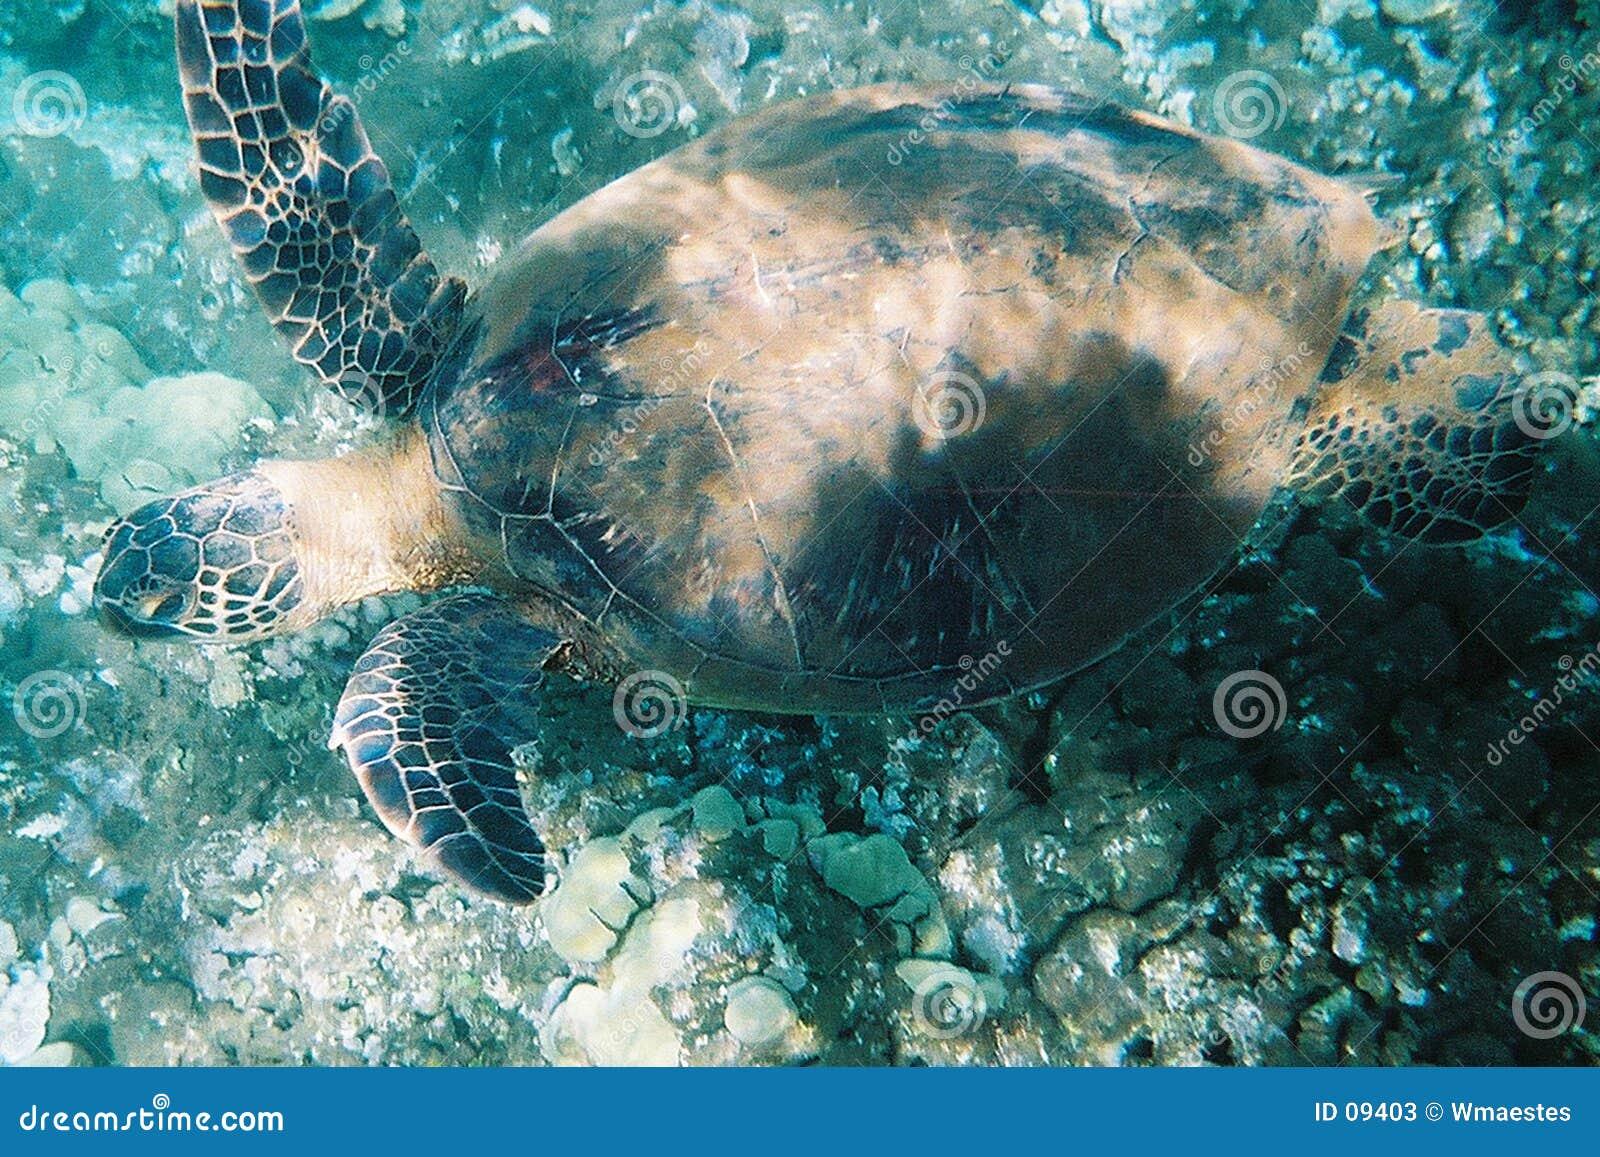 Grünes Seeschildkröte